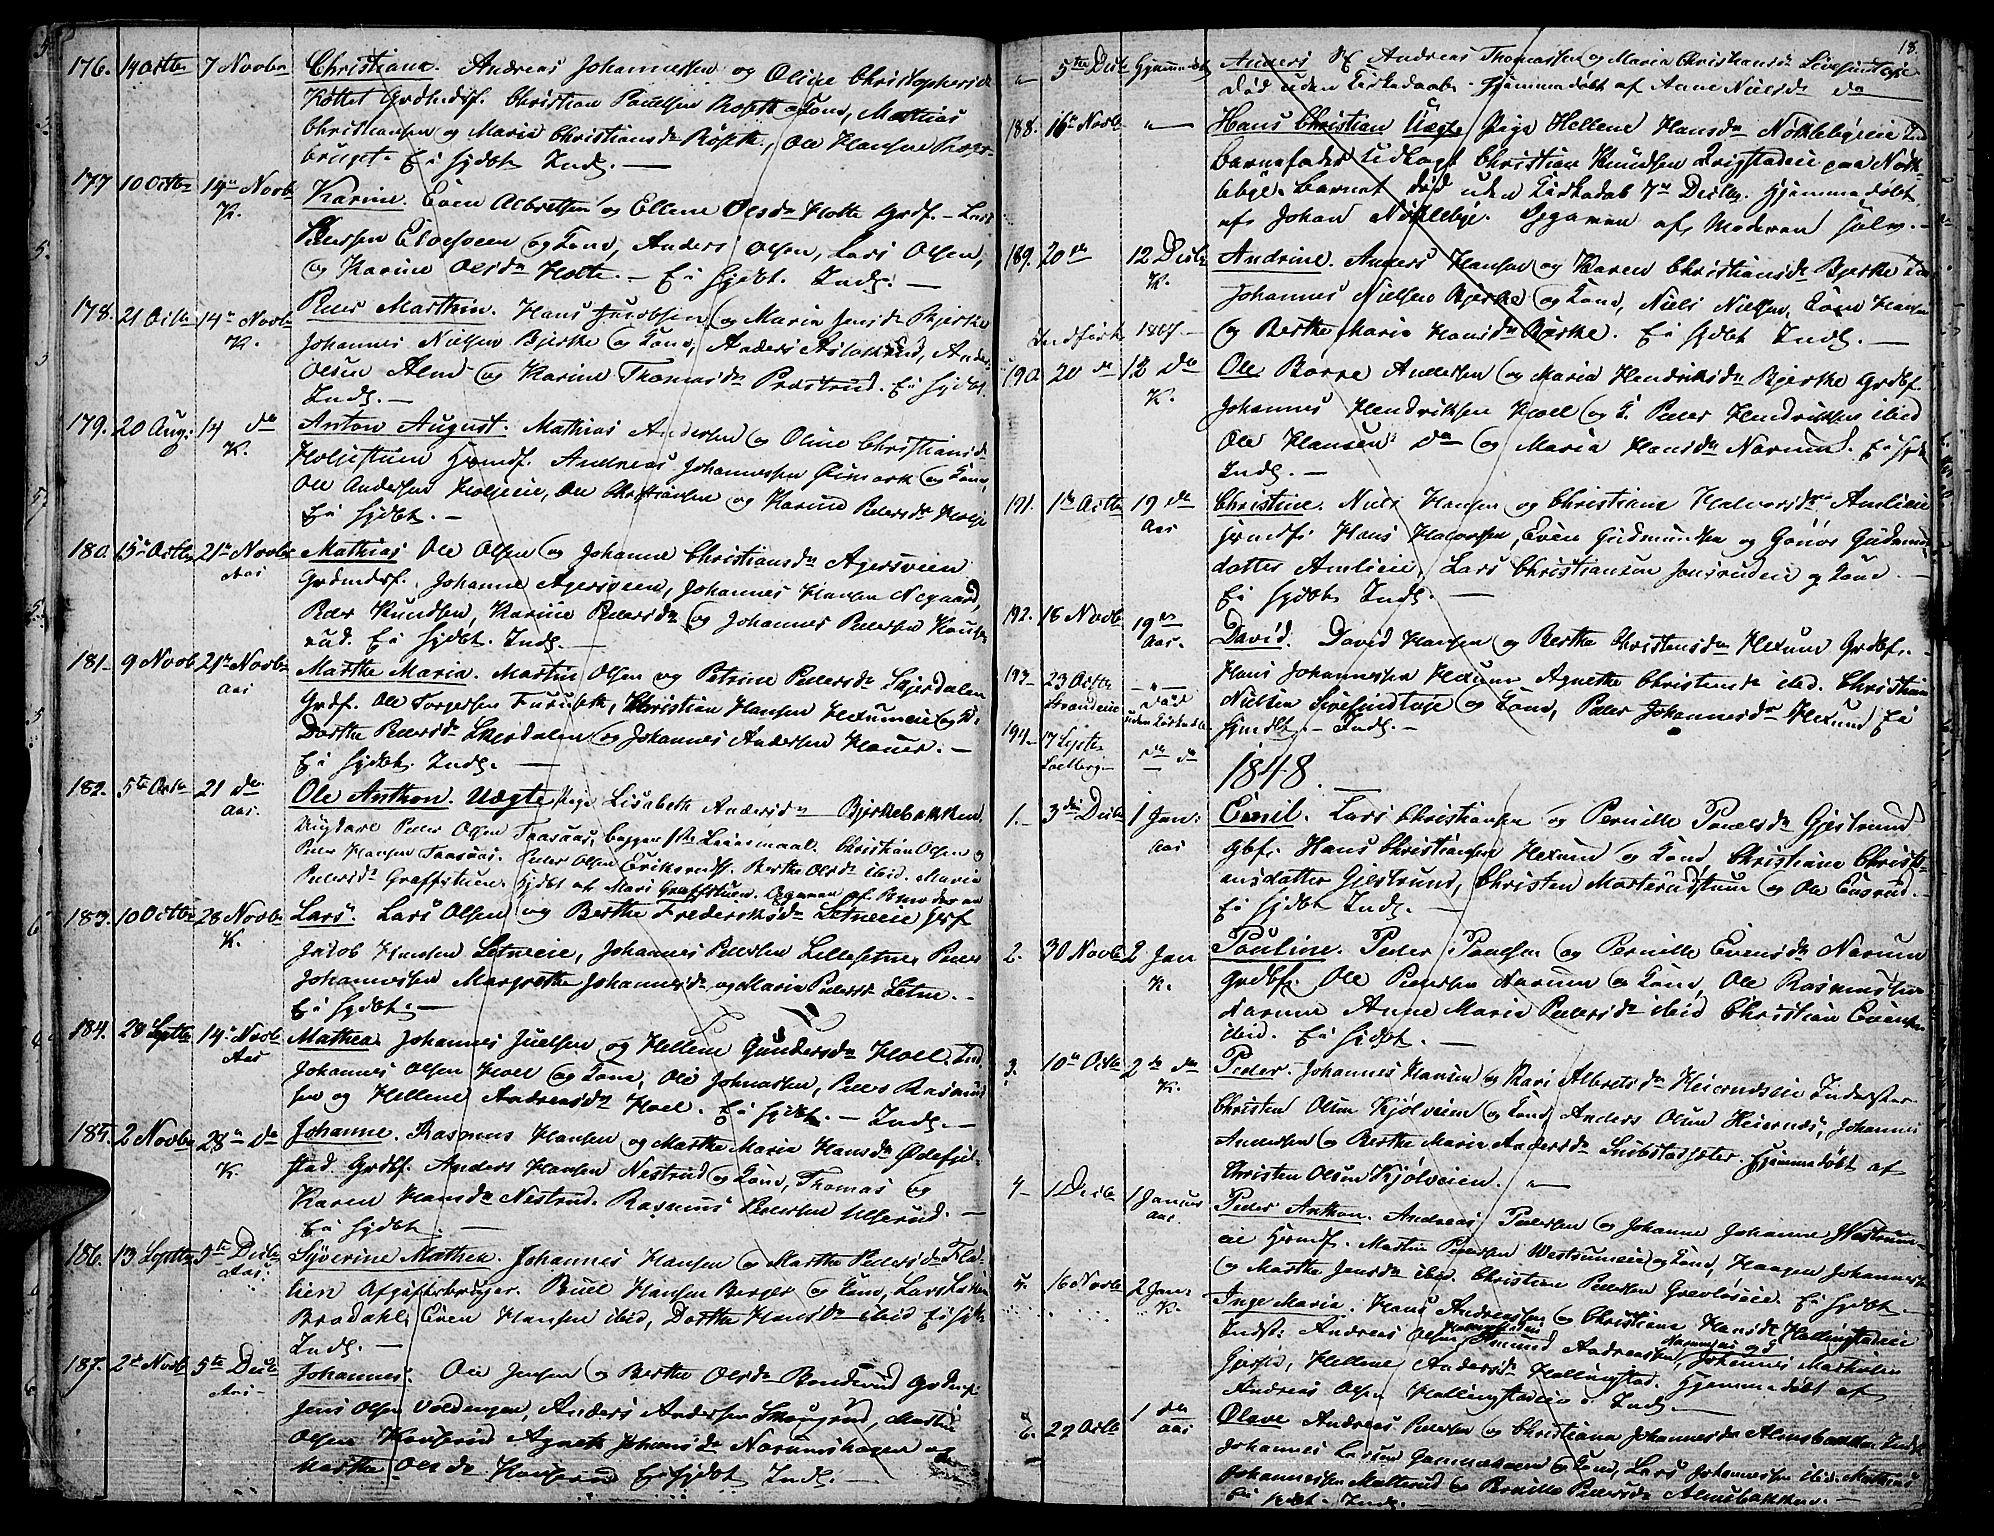 SAH, Vestre Toten prestekontor, Klokkerbok nr. 3, 1846-1854, s. 18